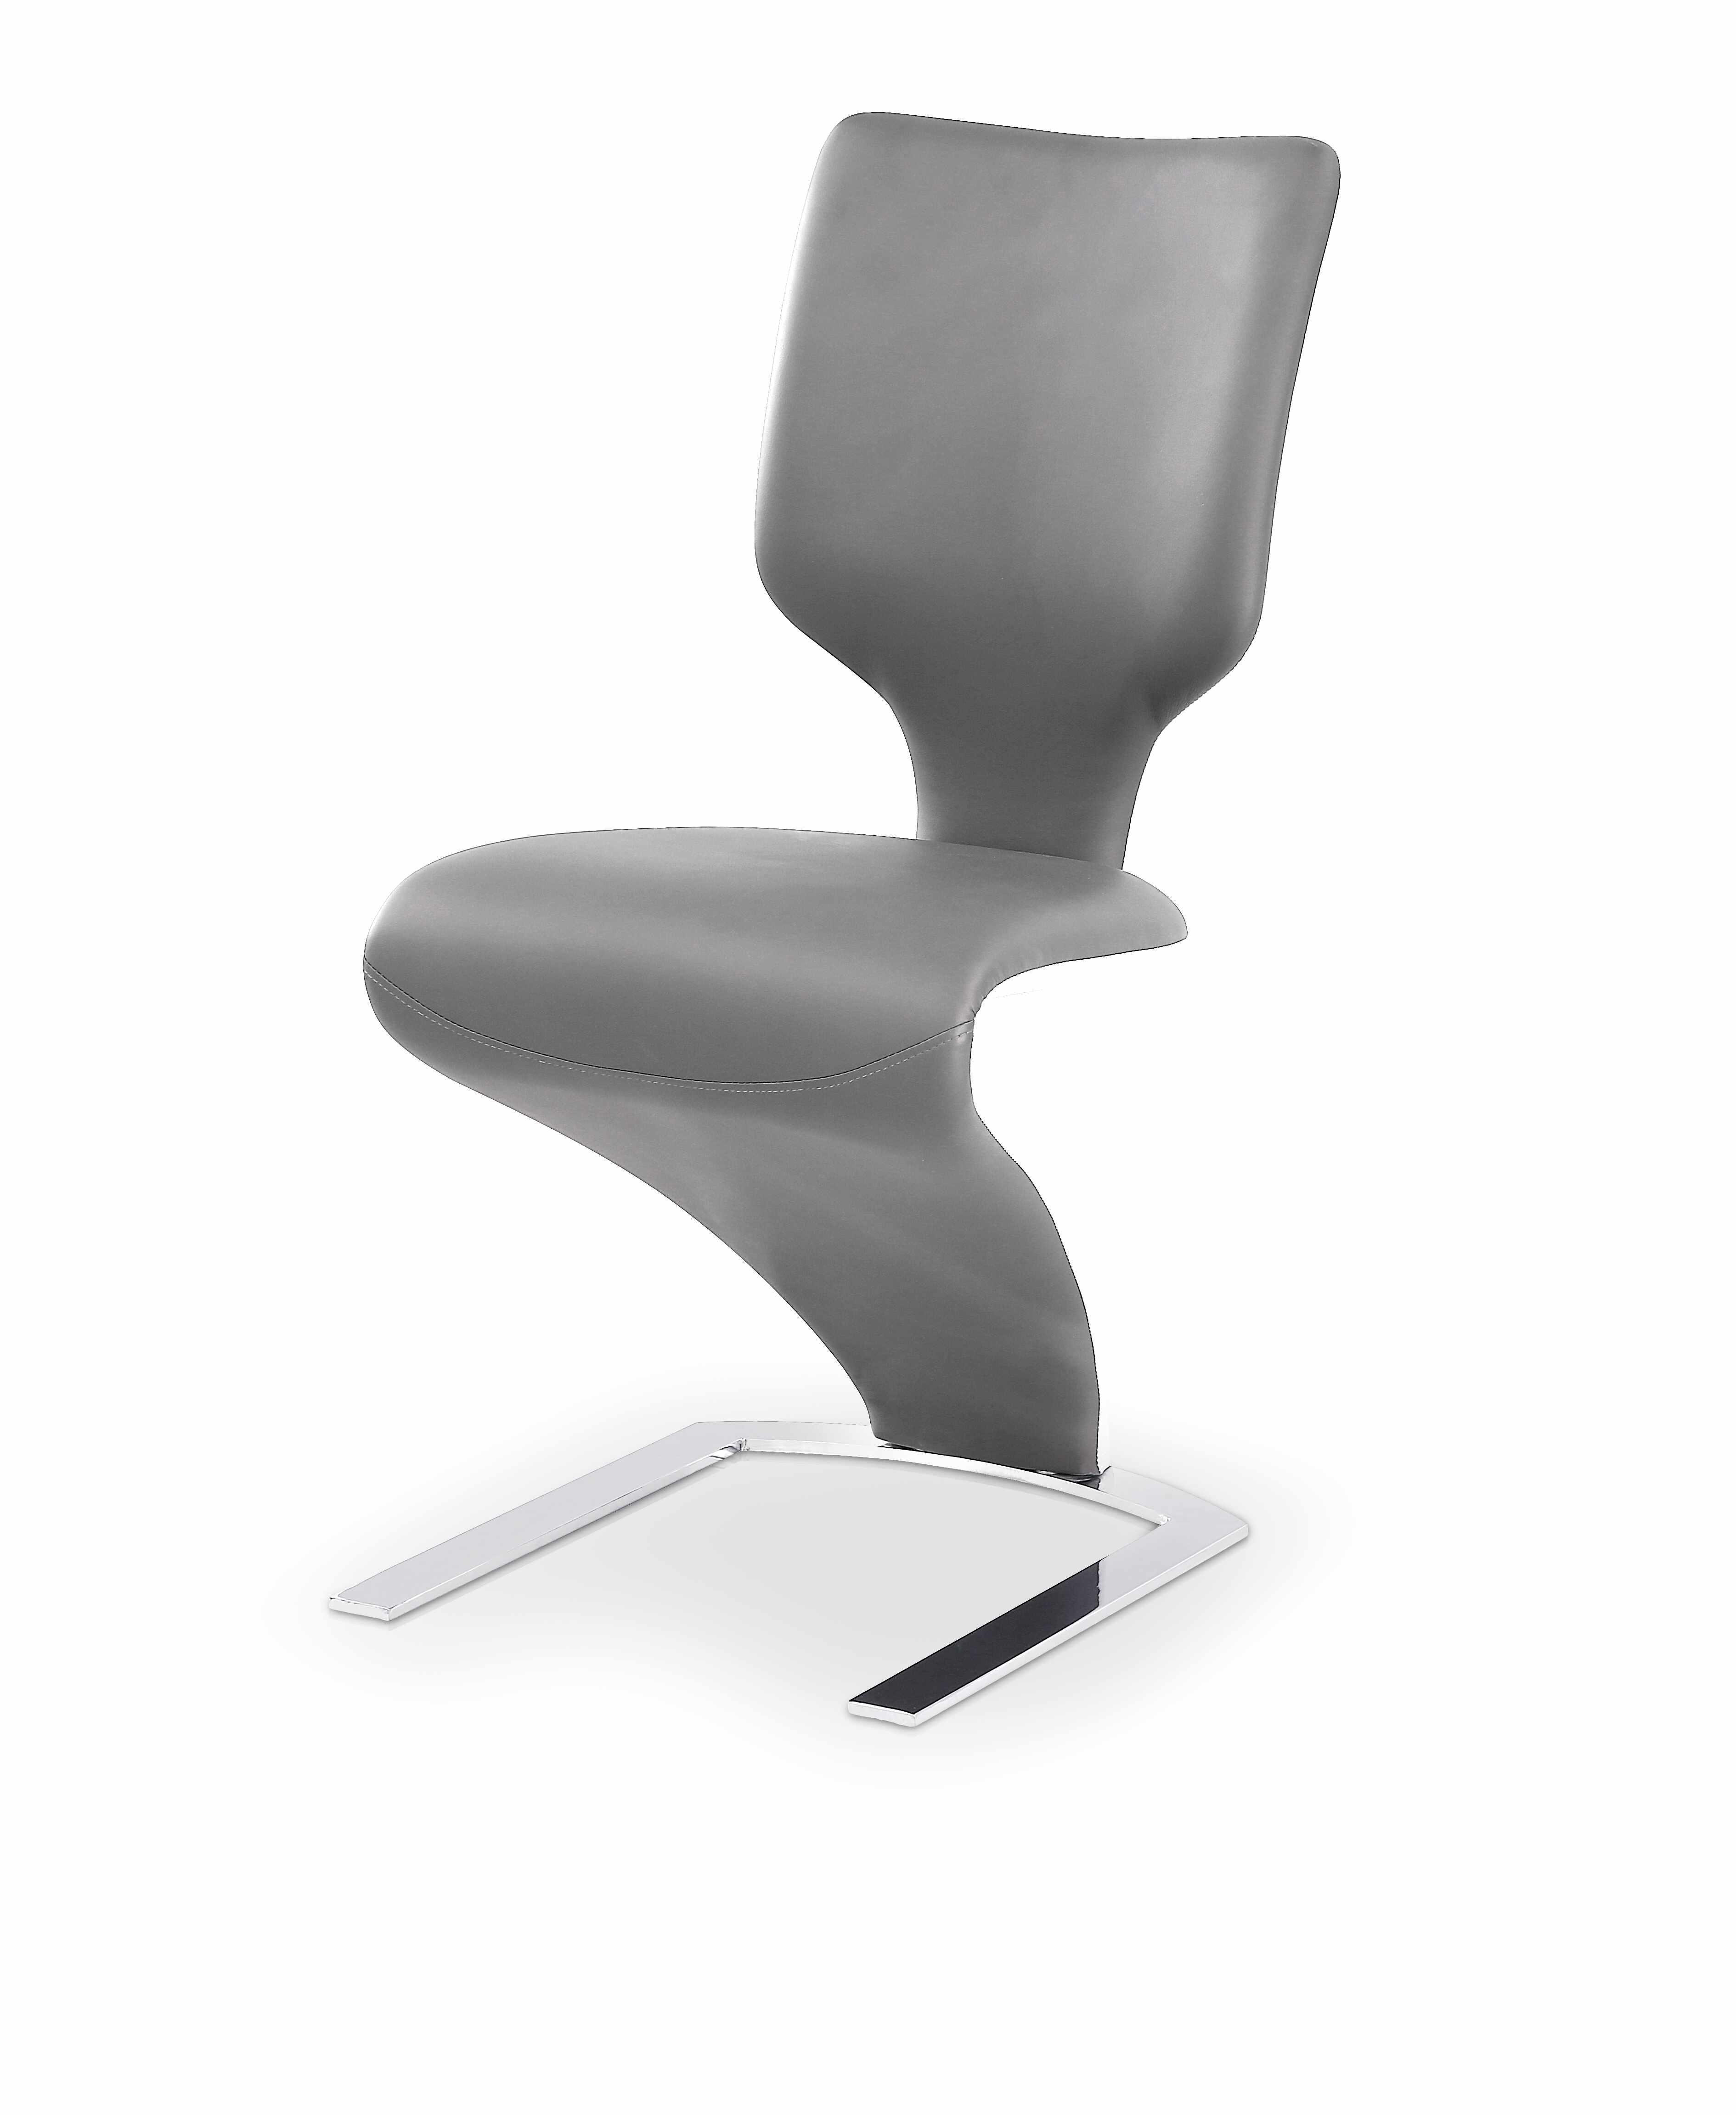 Scaun tapitat cu piele ecologica, cu picioare metalice K301 Grey / Light Grey, l46xA63xH95 cm la pret 410 lei